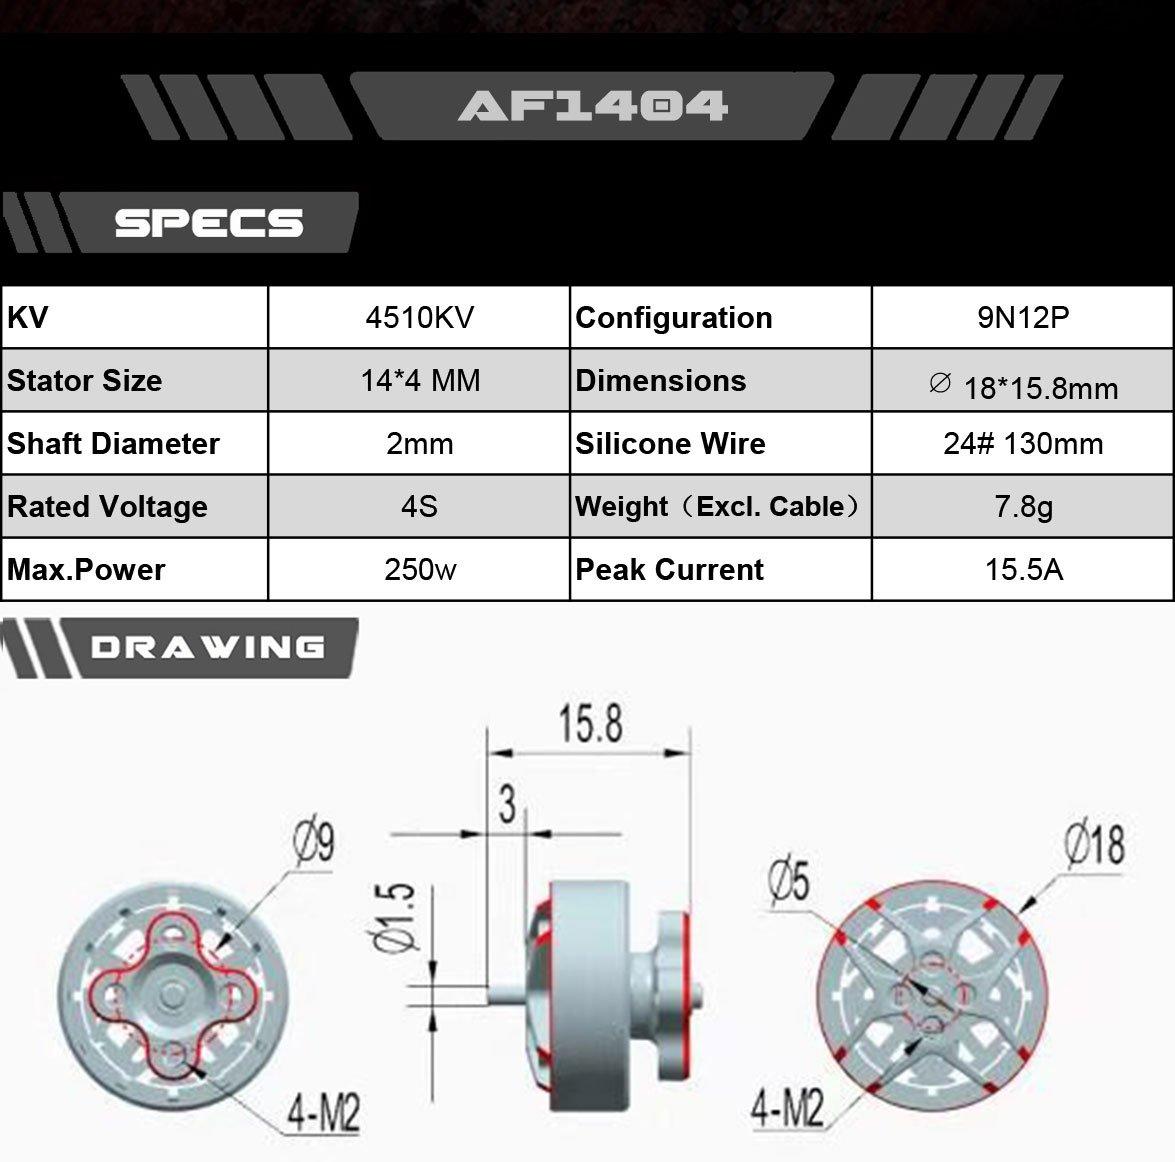 AXIS Flying AF144 - 4510KV